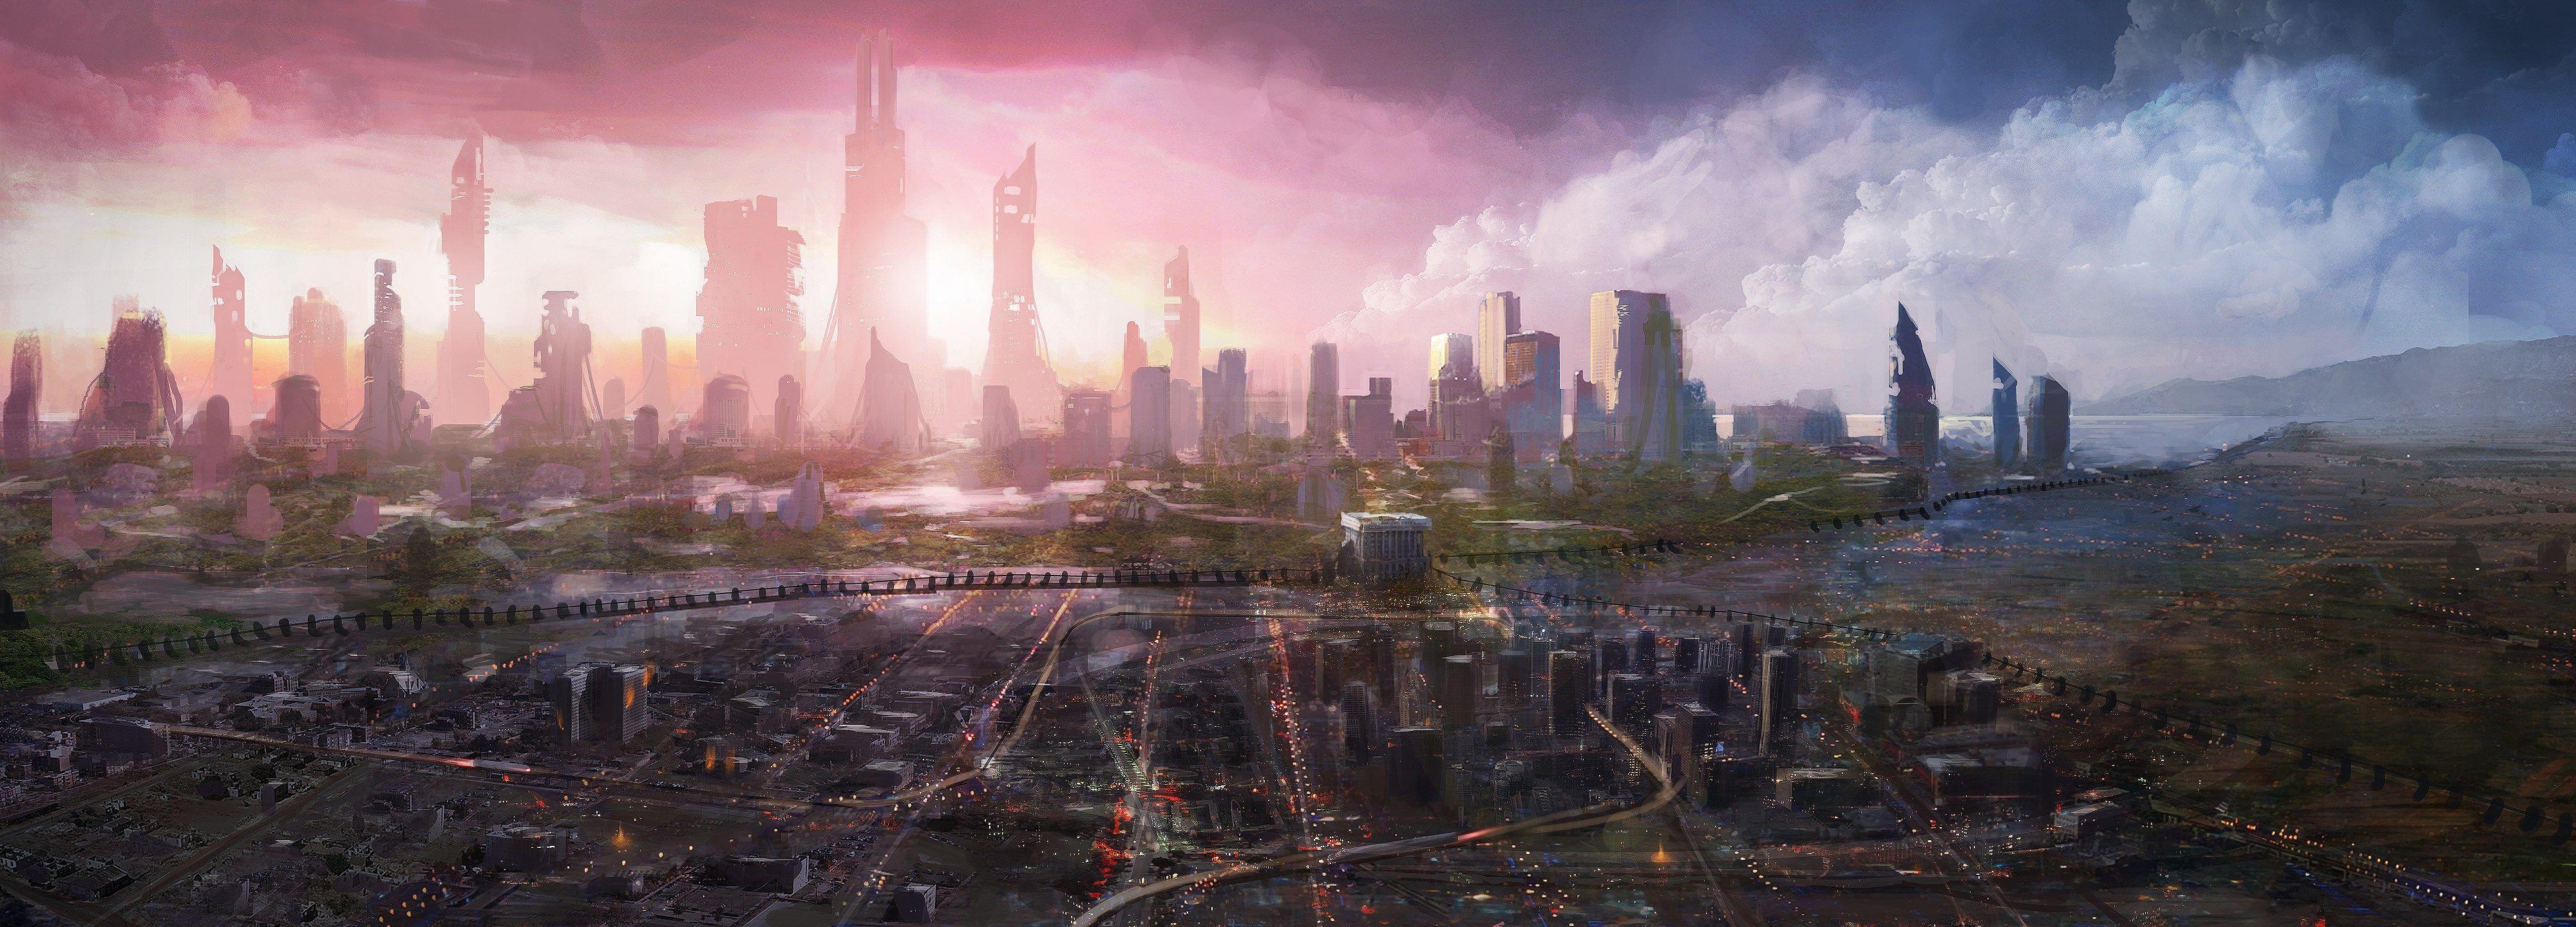 Quality Cool Future City Picture 4000x1440 1423 Kb Steampunk City Futuristic City Fantasy Landscape